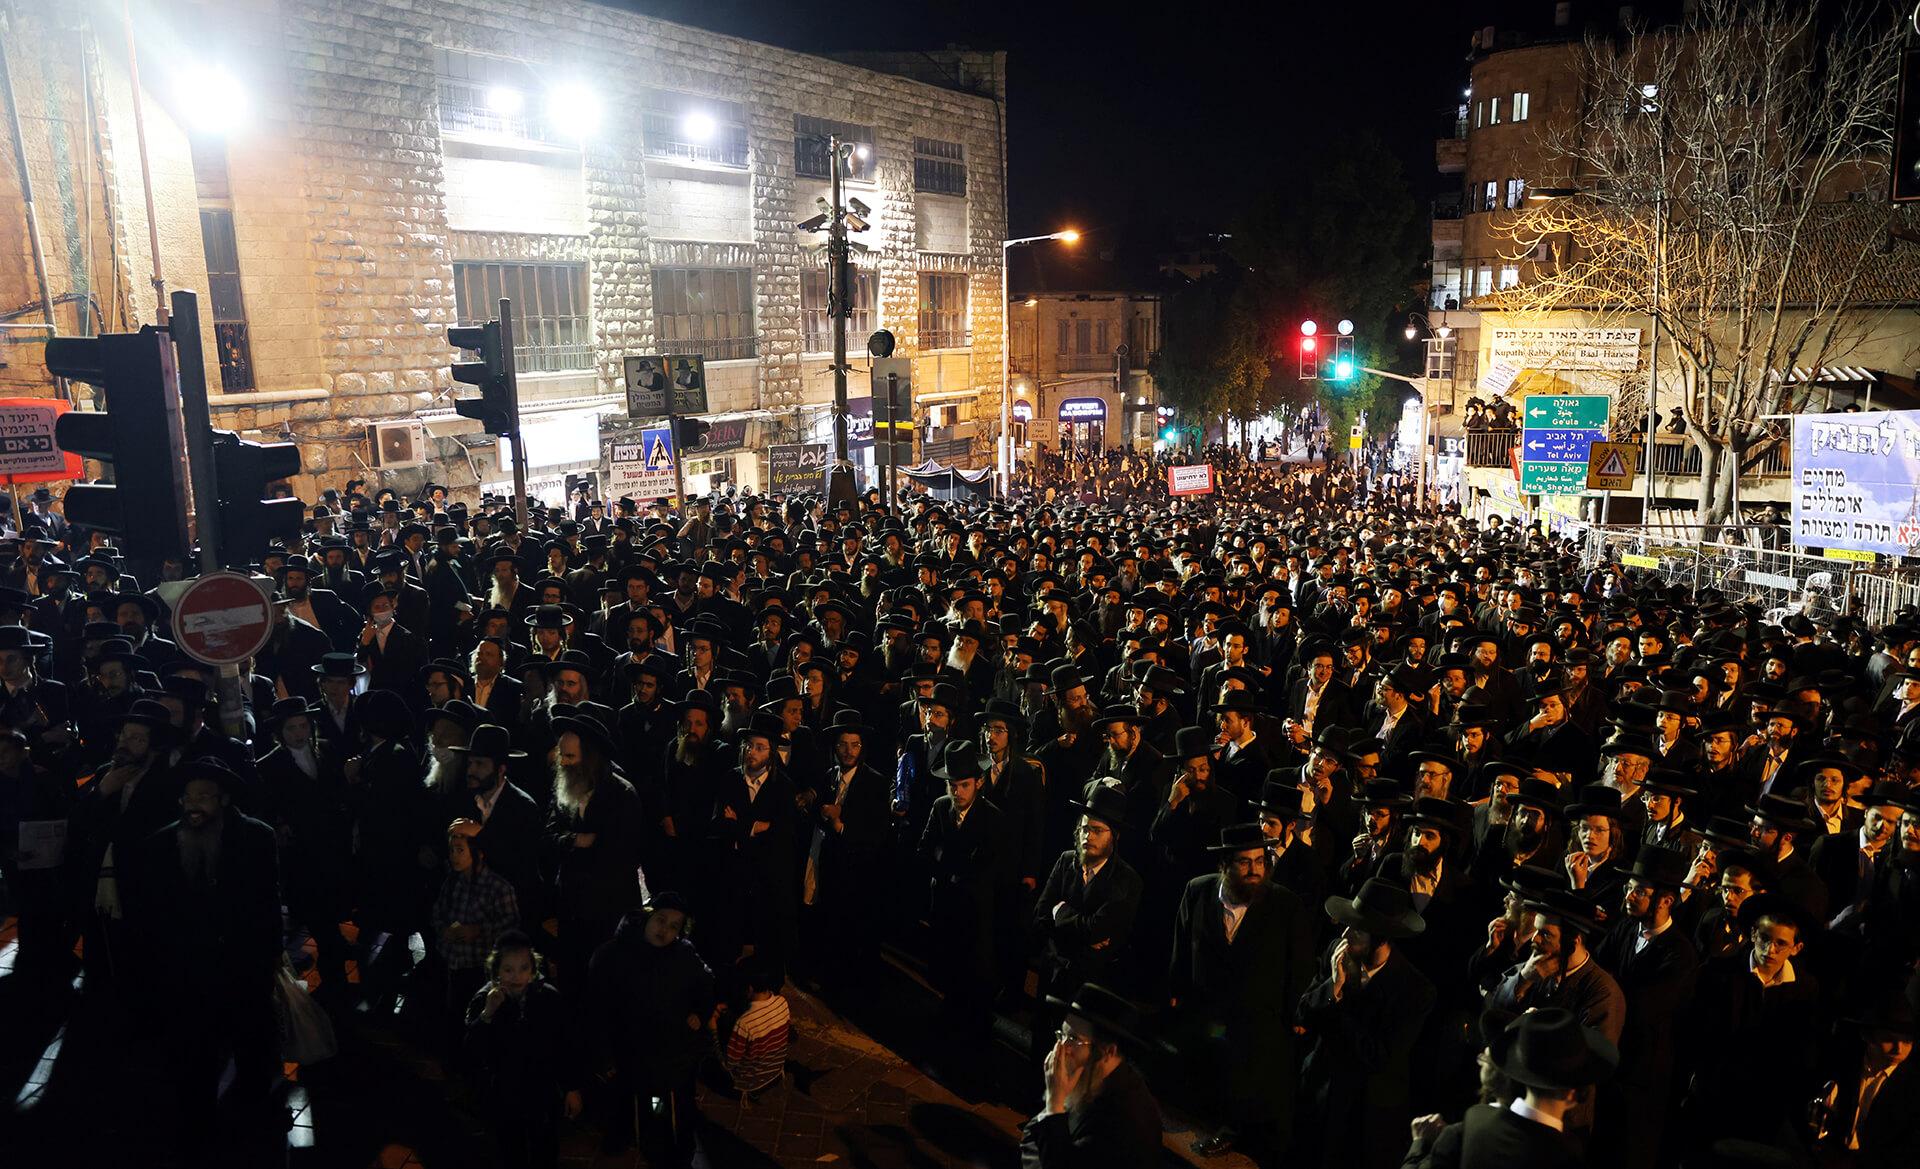 החברה החרדית שילמה מחיר כבד בקורונה. לוויה המונית בירושלים(צילום: רויטרס)